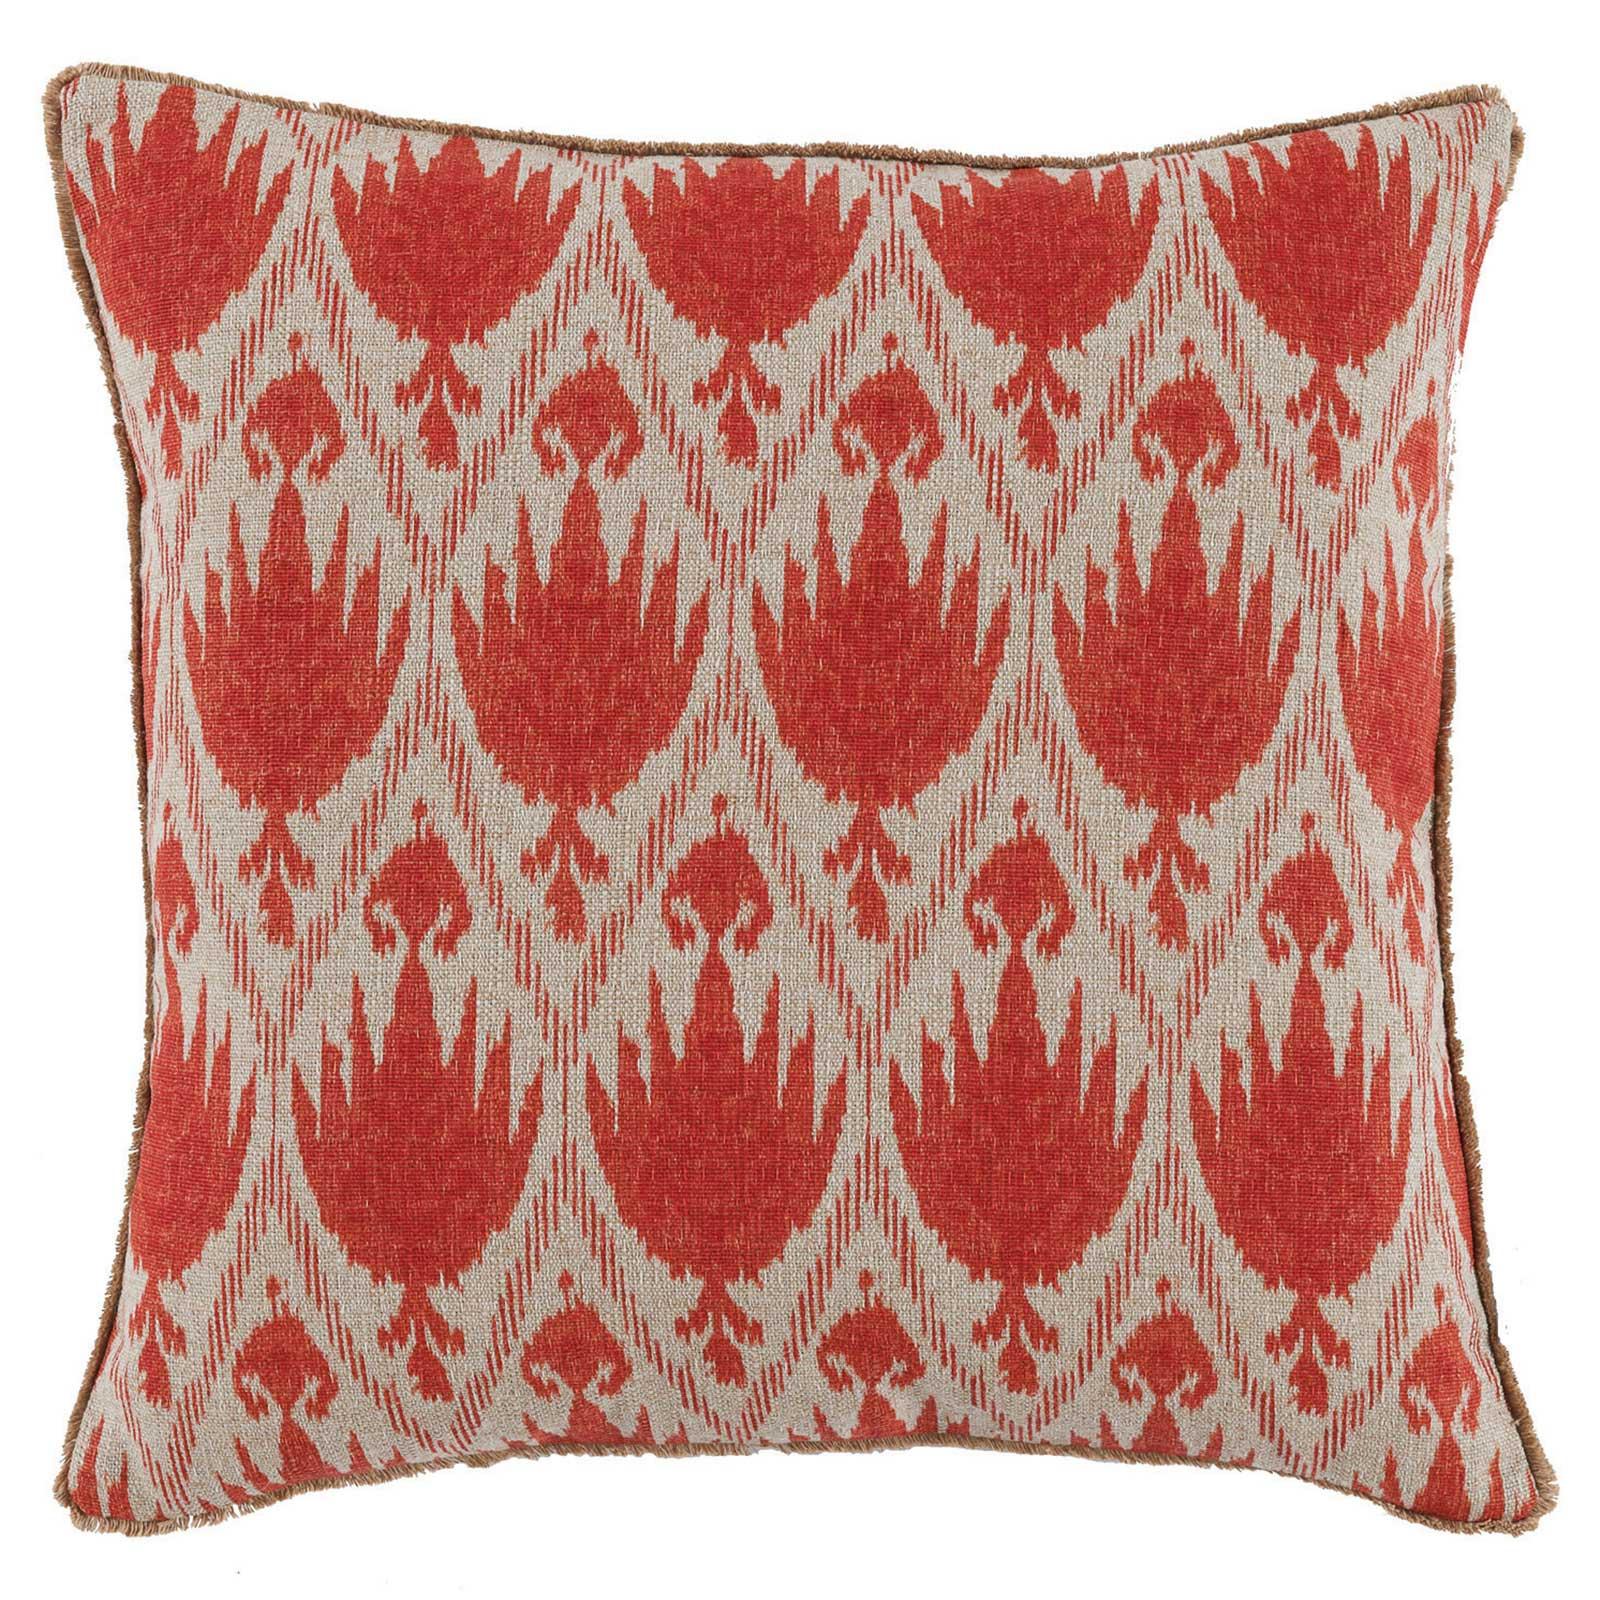 Joli Global Bazaar Red Ikat Linen Pillow - 20x20